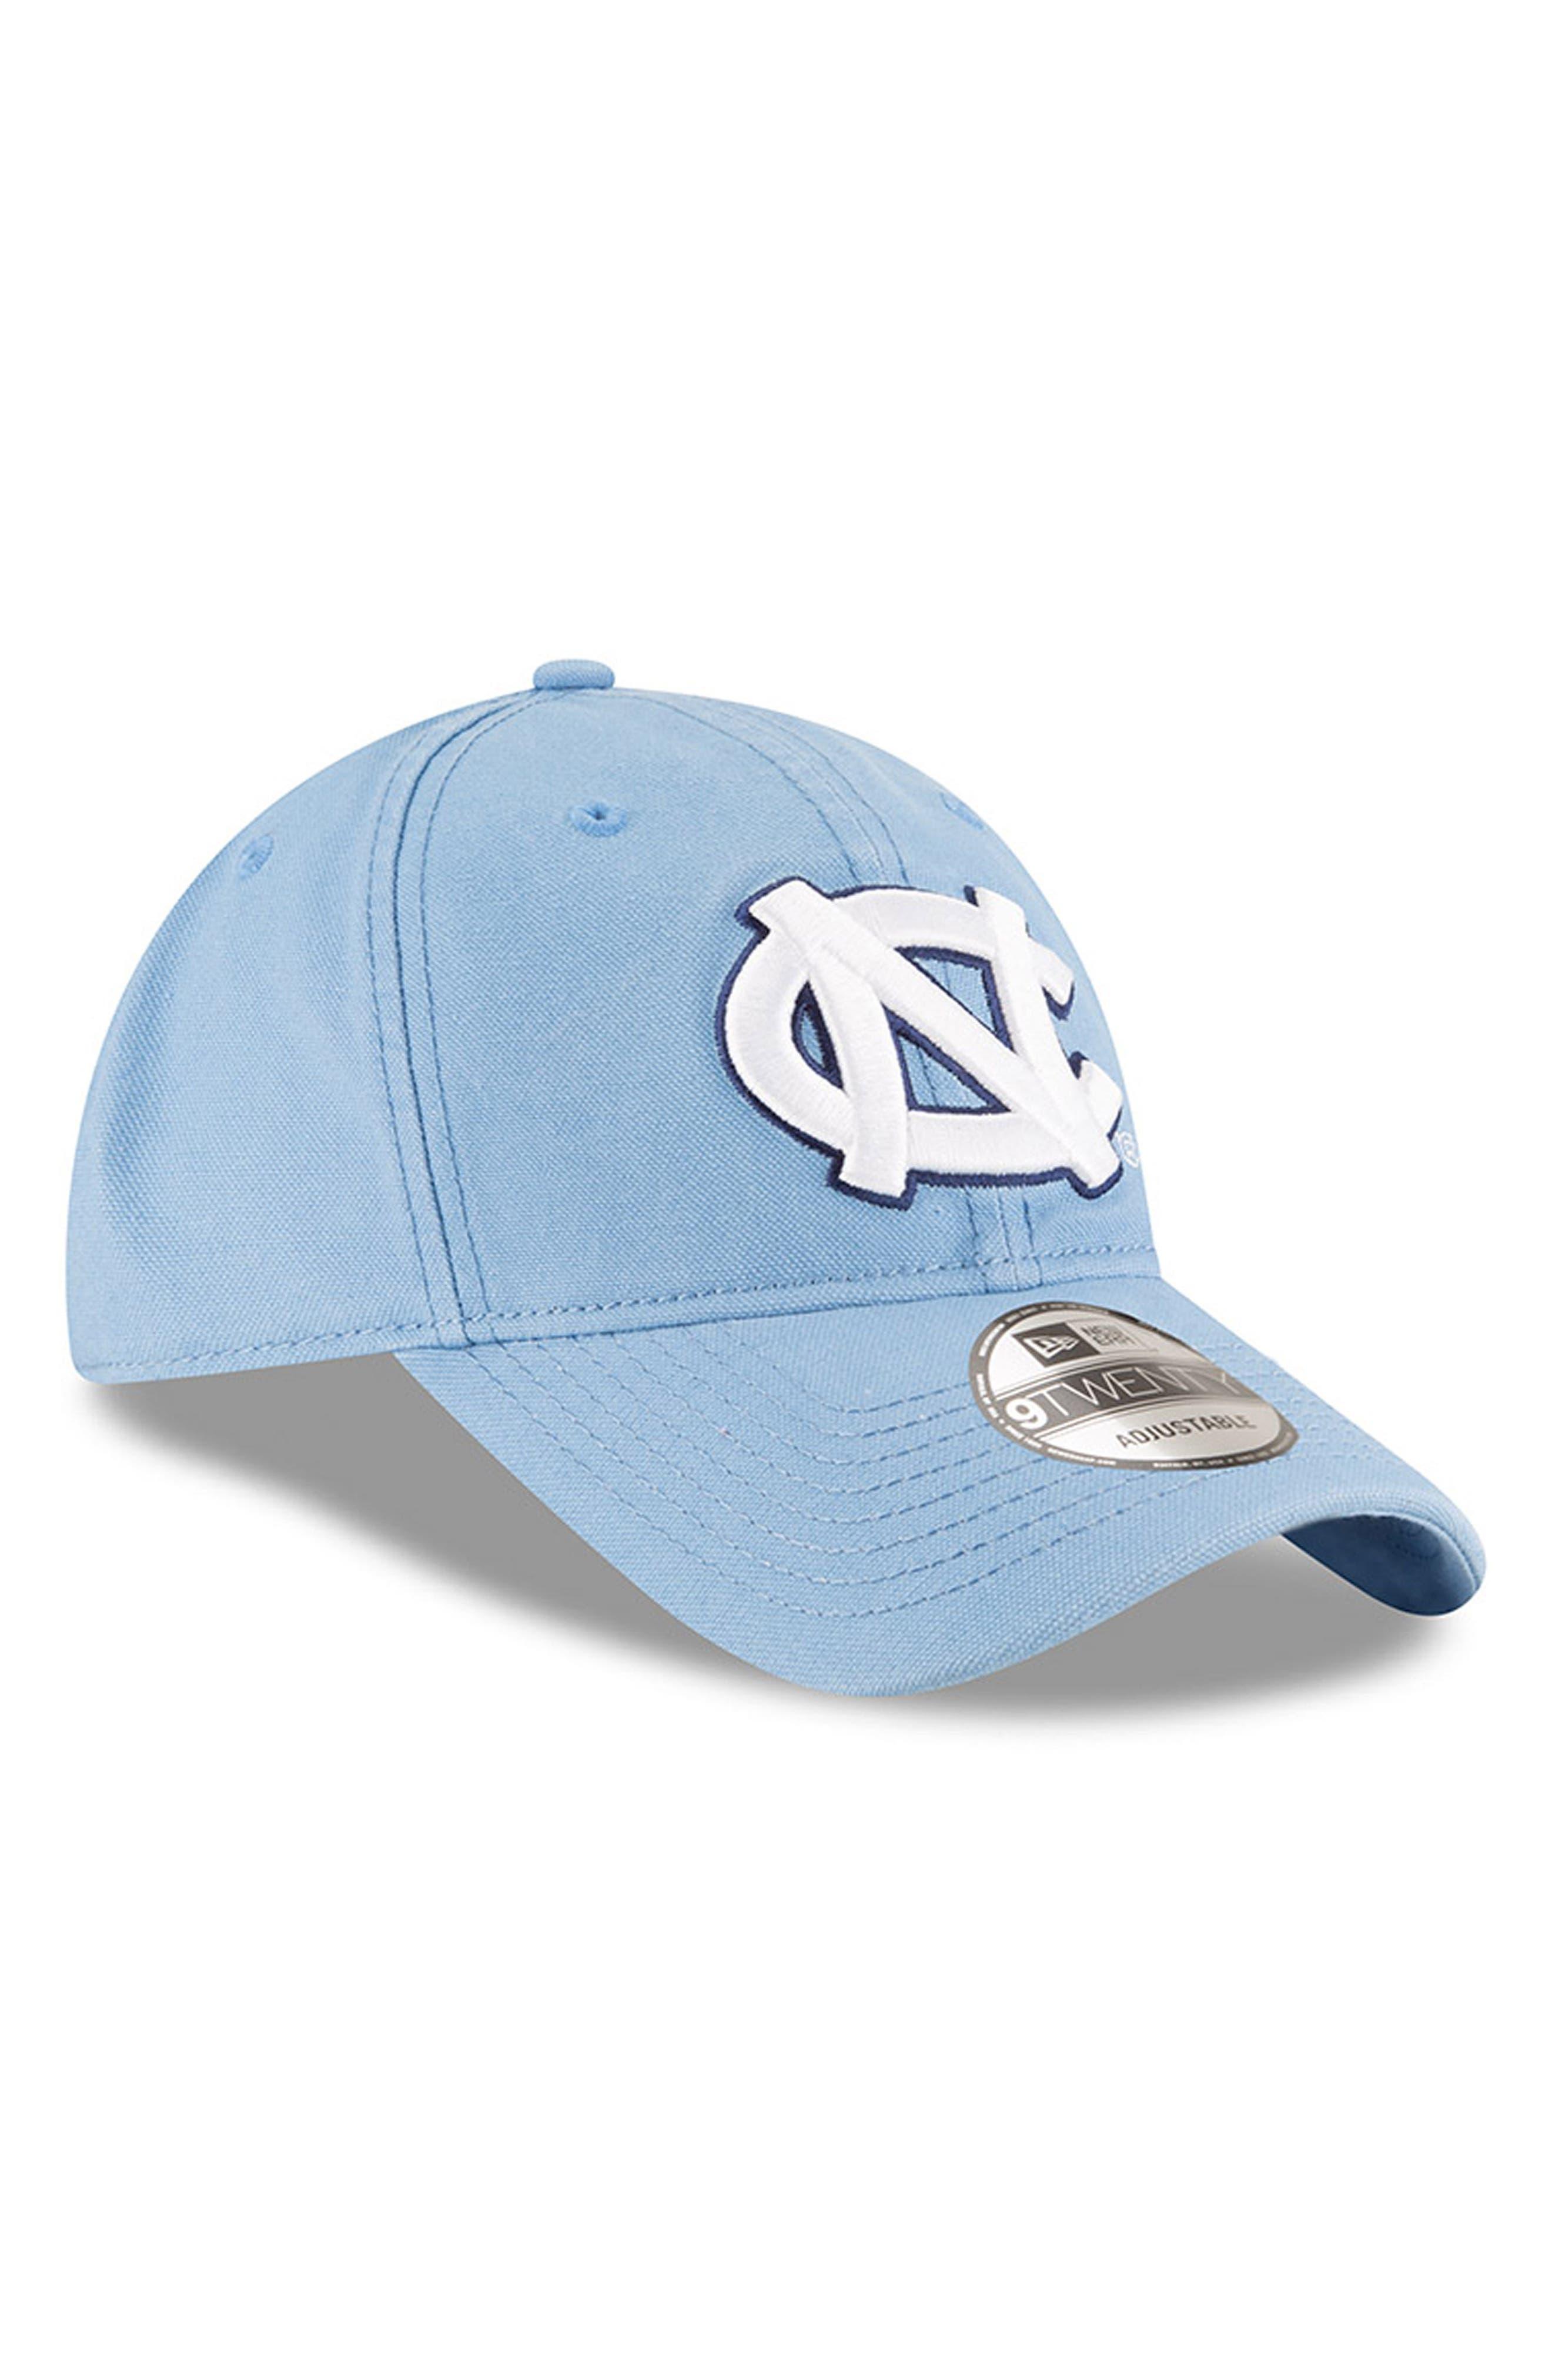 New Era Collegiate Core Classic - North Carolina Tar Heels Baseball Cap,                             Alternate thumbnail 4, color,                             North Carolina Tar Heels